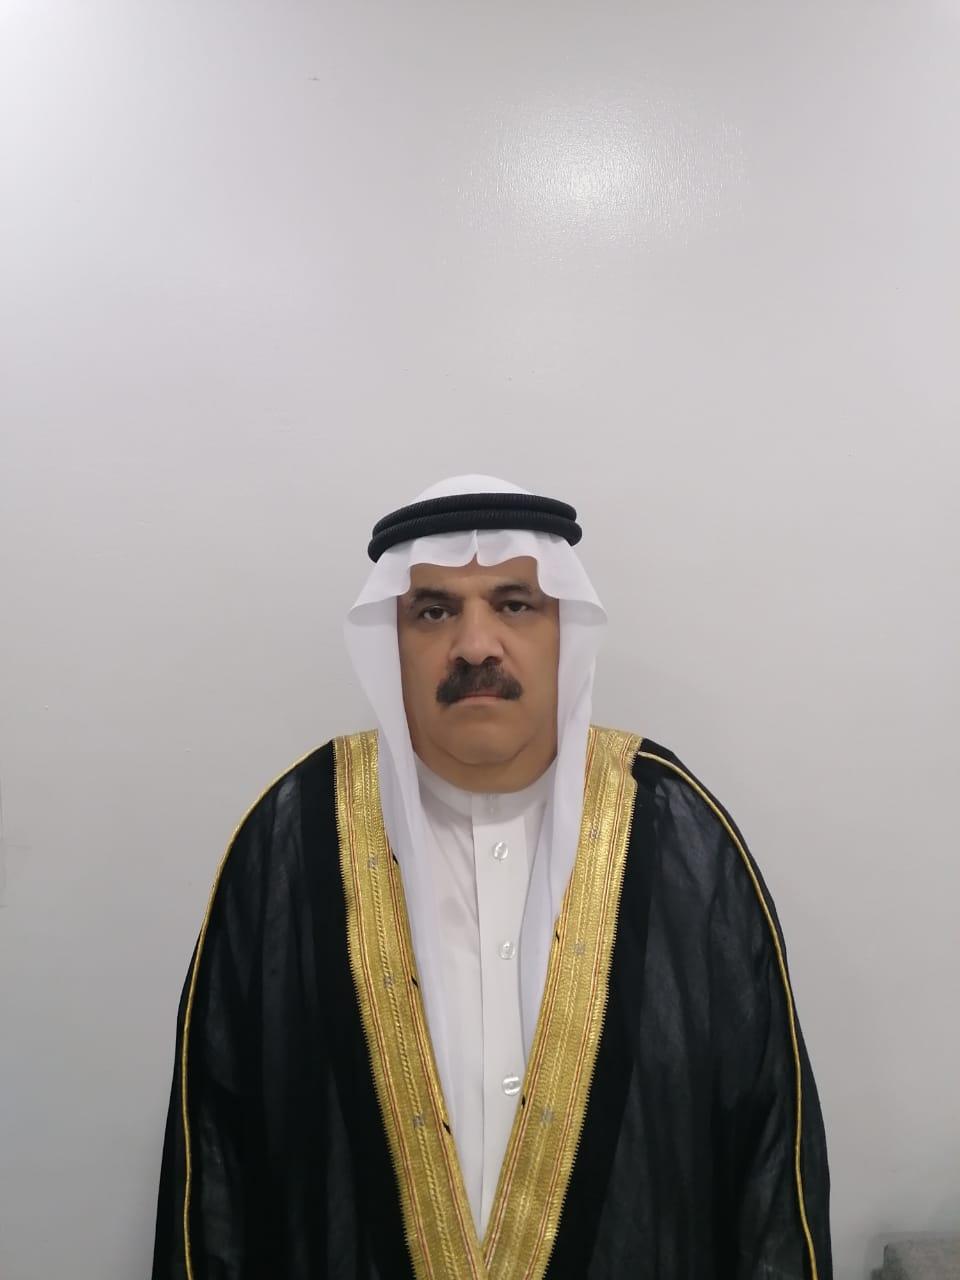 عبدالرحمن عبدالله الخطيب الجعفري